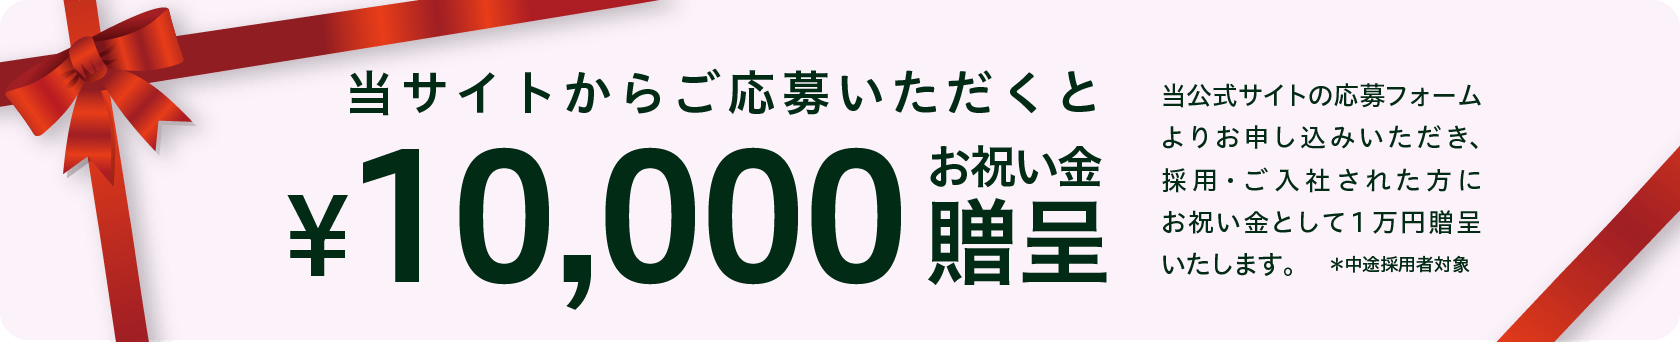 本サイトからご応募いただいくと ¥10,000お祝い金贈呈 本公式サイトの応募フォームよりお申し込みいただき、採用・ご入社された方にお祝い金として1万円贈呈いたします。